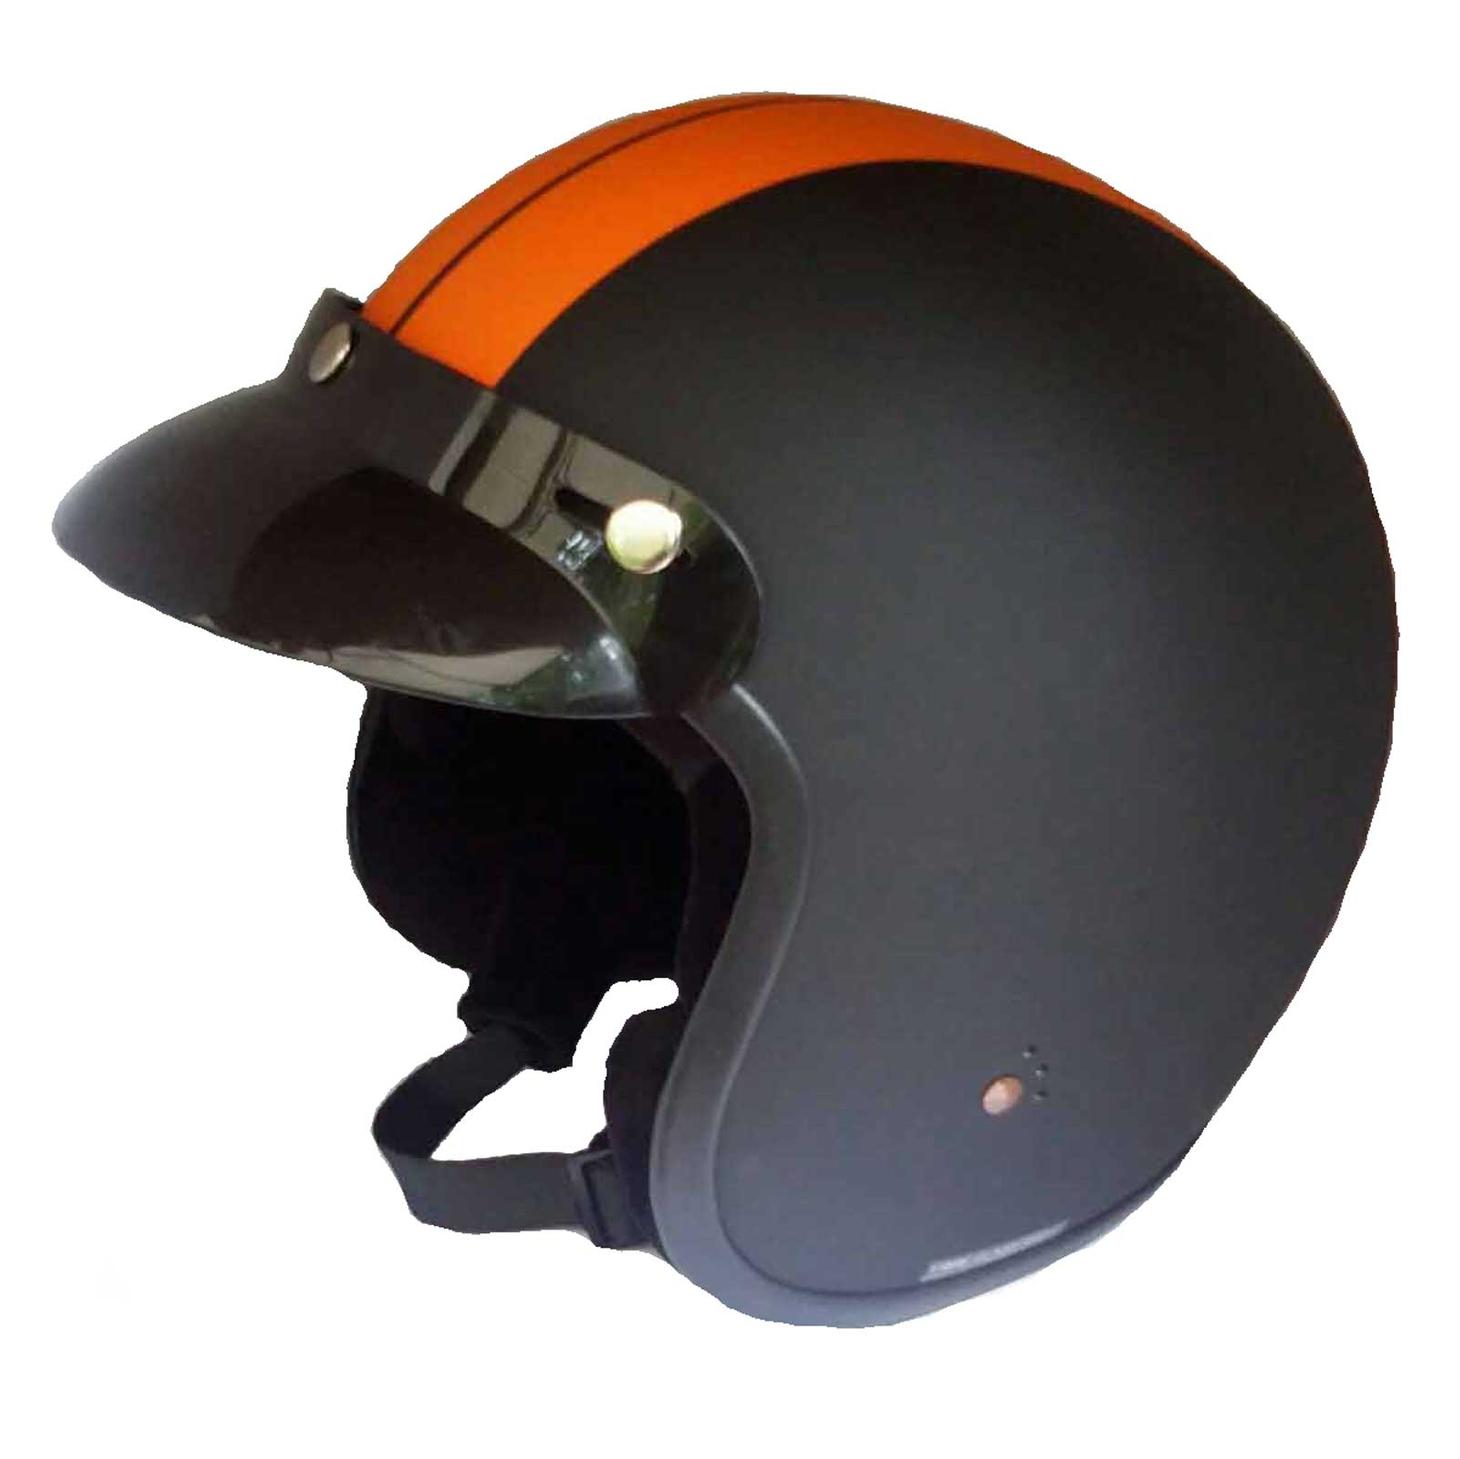 Bandit Mini ECE Jet Helmet - ECE 22-05 Certified Motorcycle Helmet – Picture 6